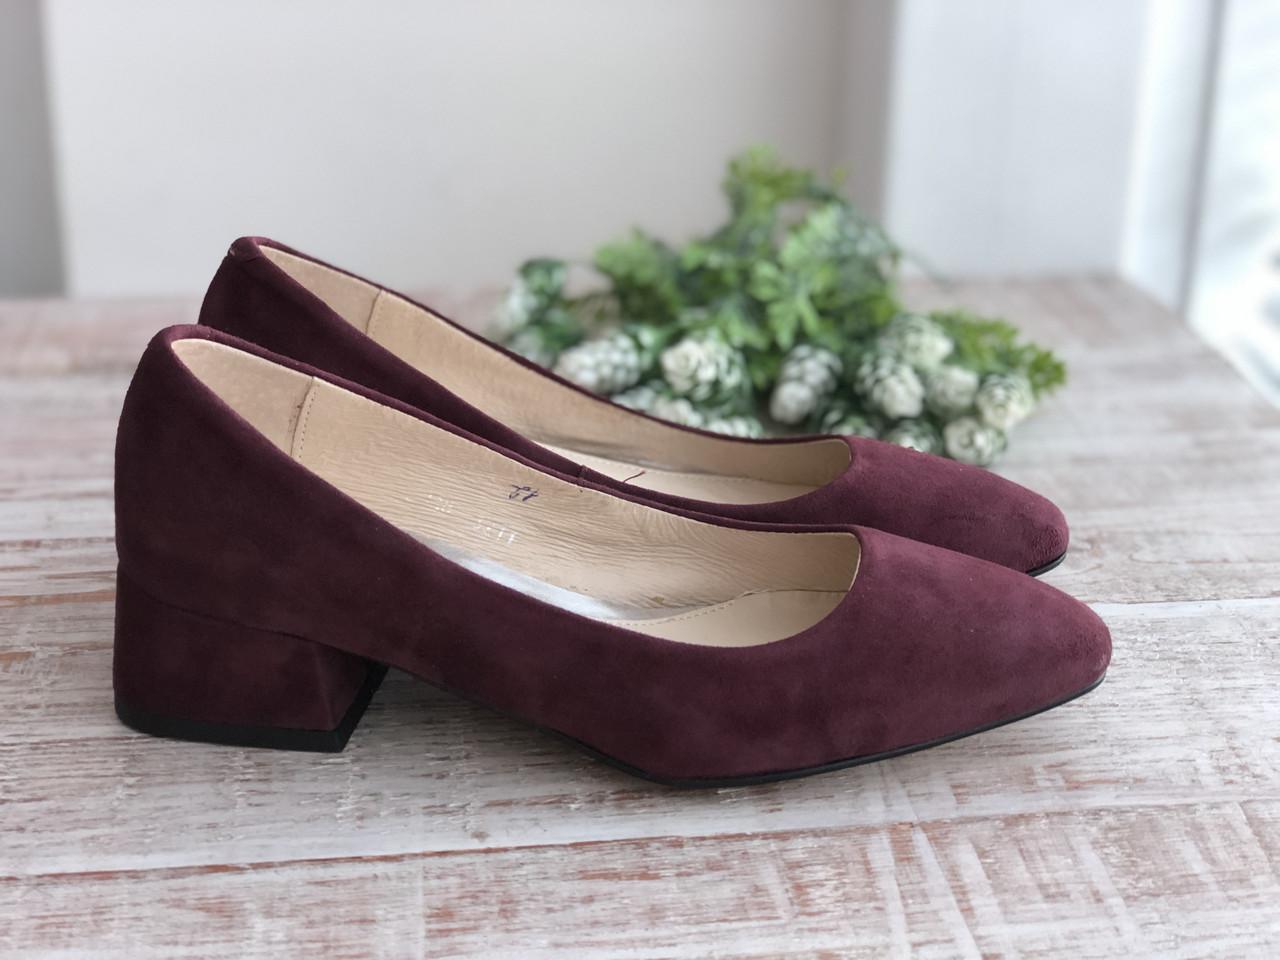 Кожаные Женские туфли 3211 размеры 36-40